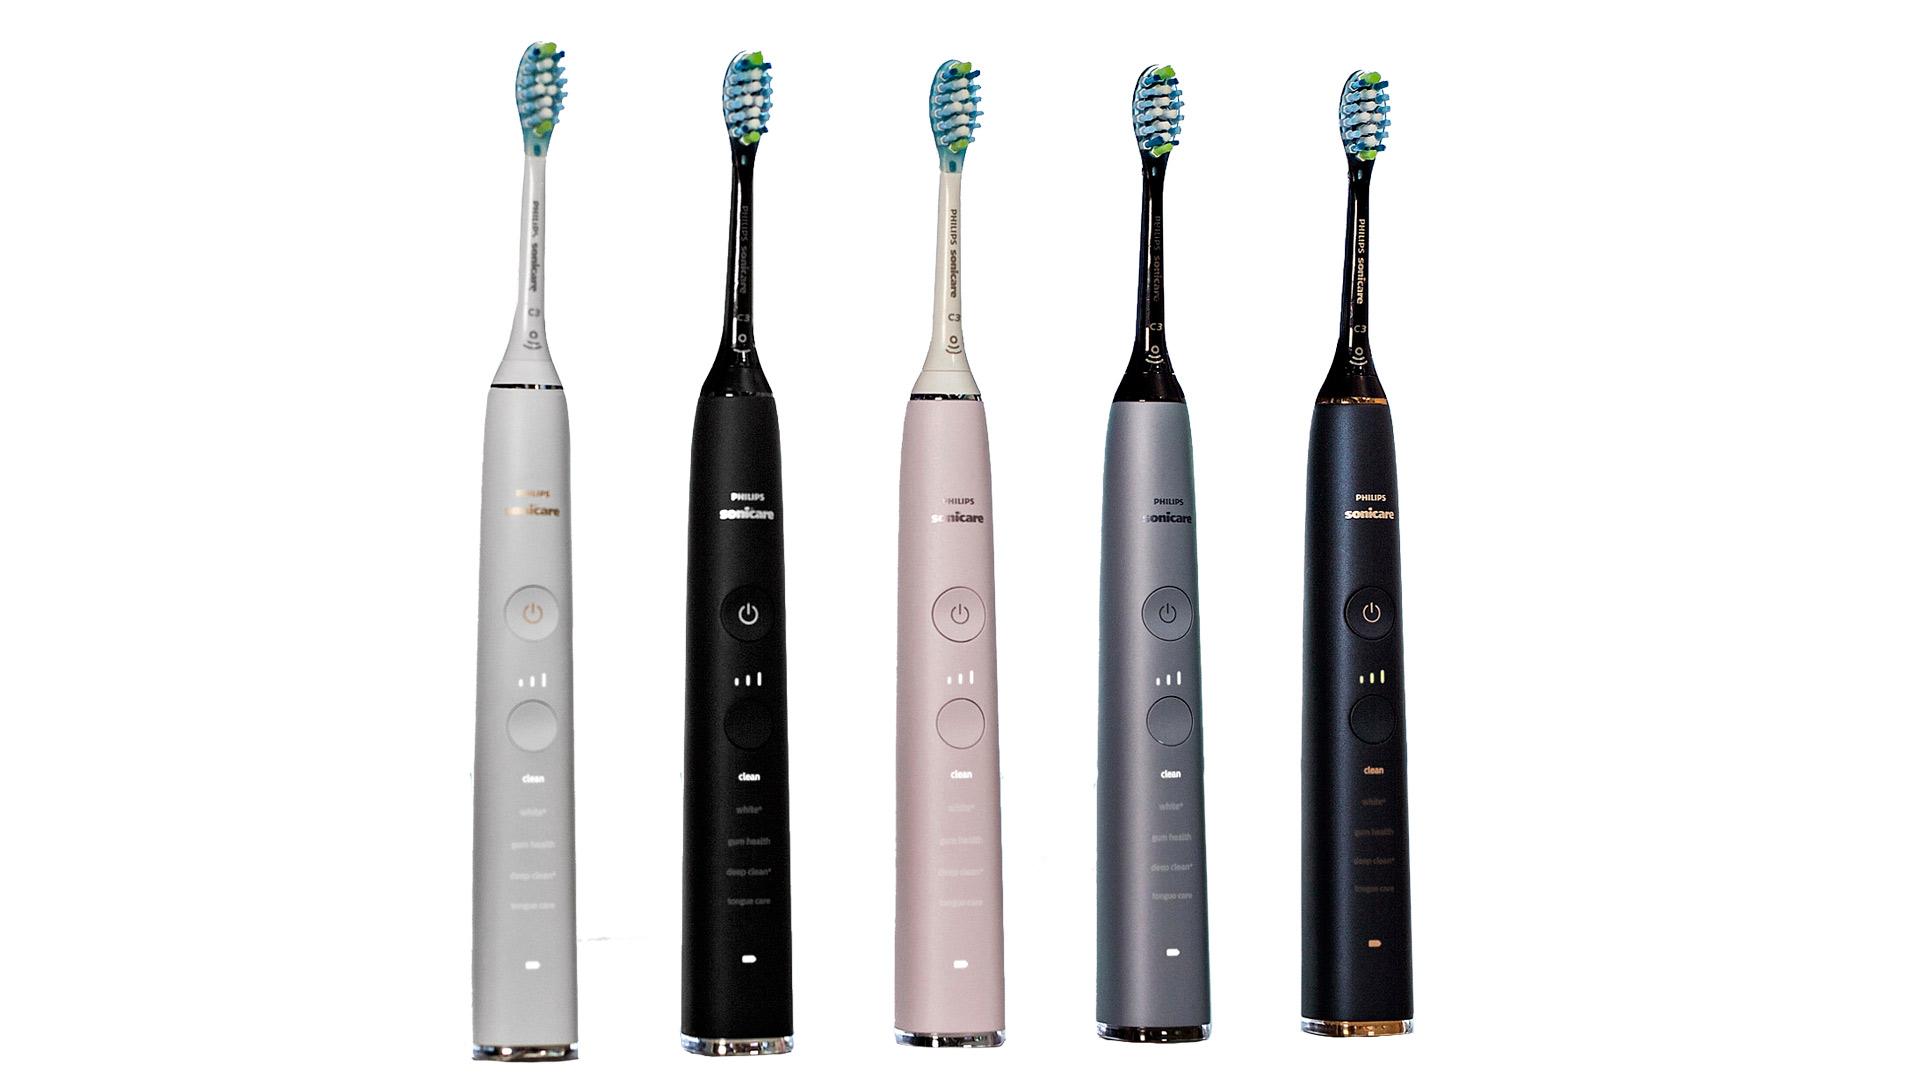 2. Hammasharjalla on väliä! Philips Sonicare DiamondClean -sähköhammasharja puhdistaa hampaista pintavärjäytymät, 229 €.